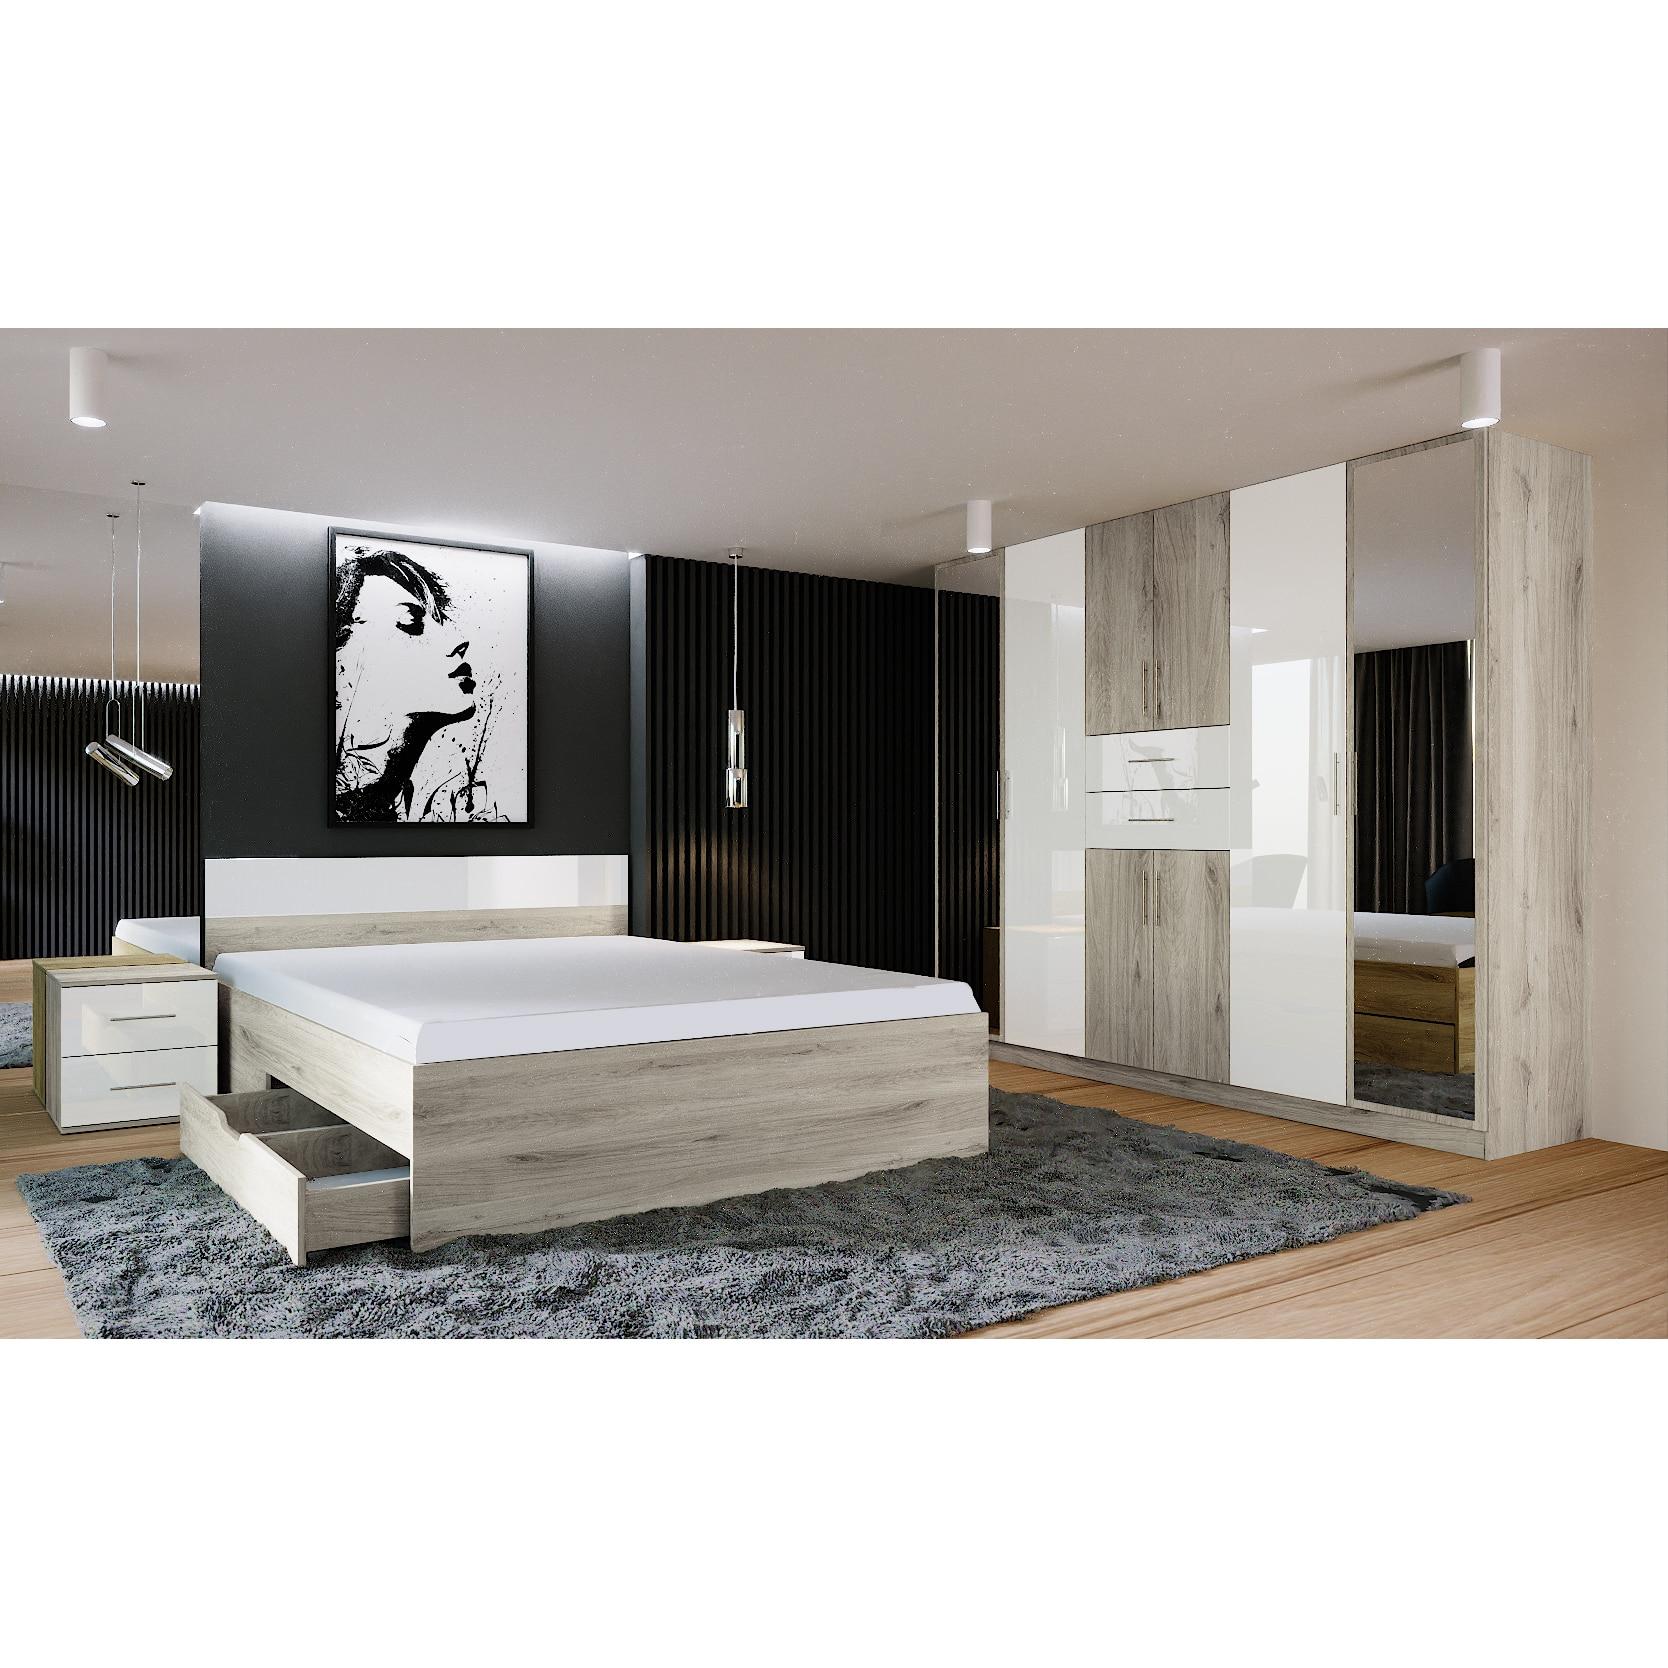 Fotografie Dormitor Irim Marisa , Pat 160x200 cm, Dulap, 2 Noptiere, Culoare Sonoma/Alb